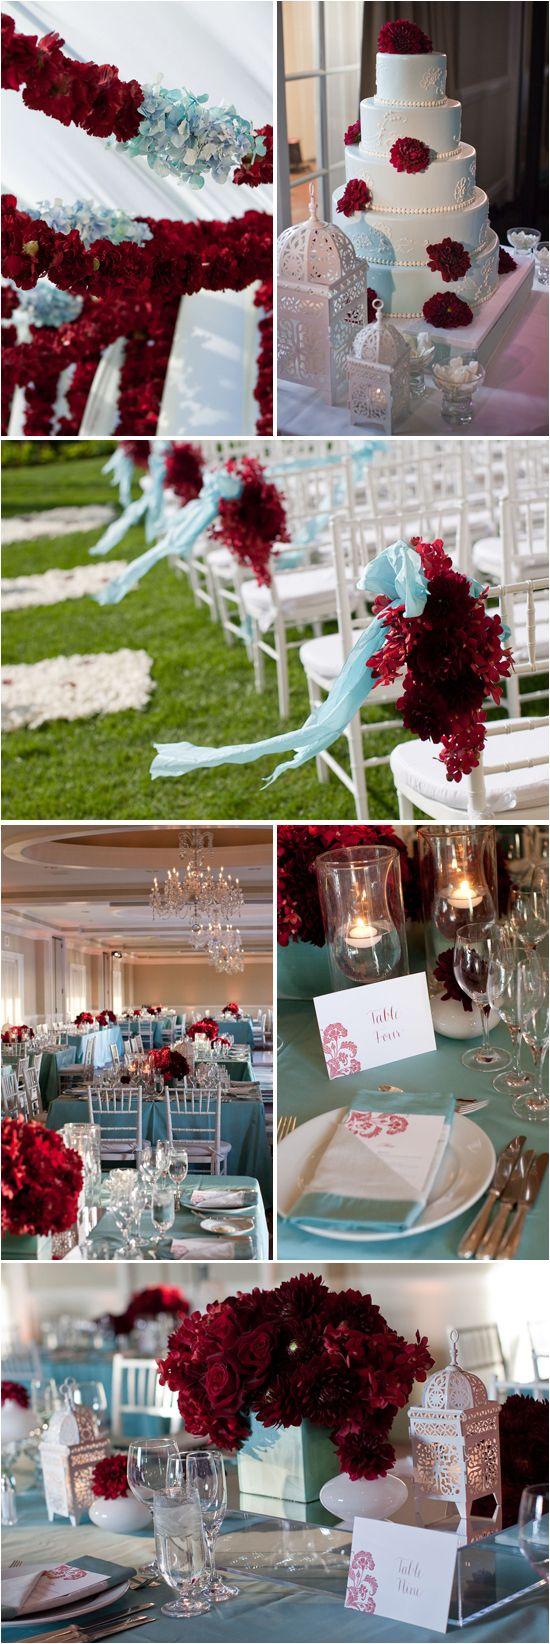 ccffaaaaafaafefg   Wedding Ideas